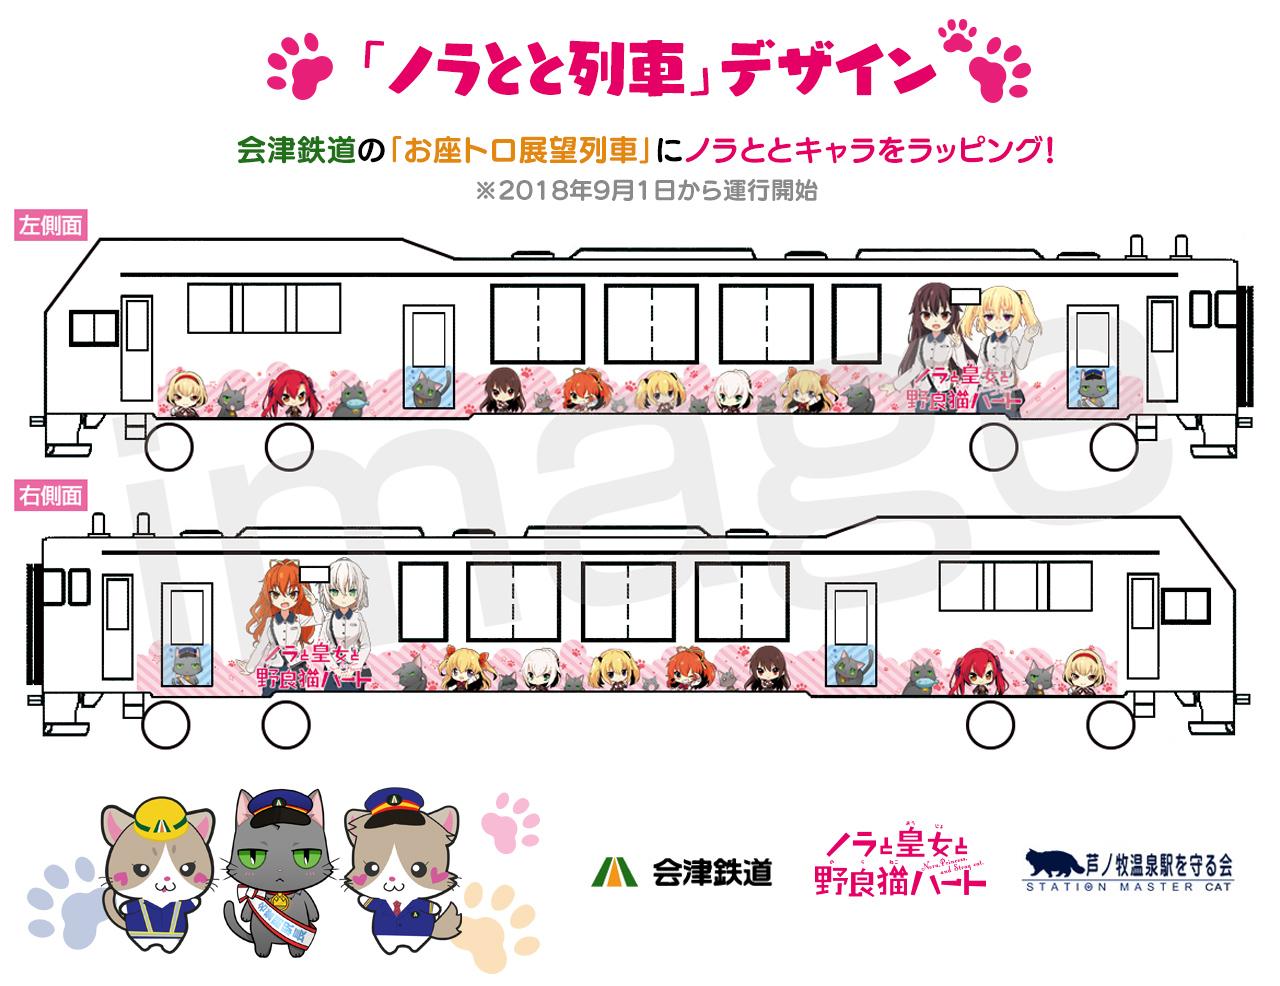 「ノラとと列車」デザイン